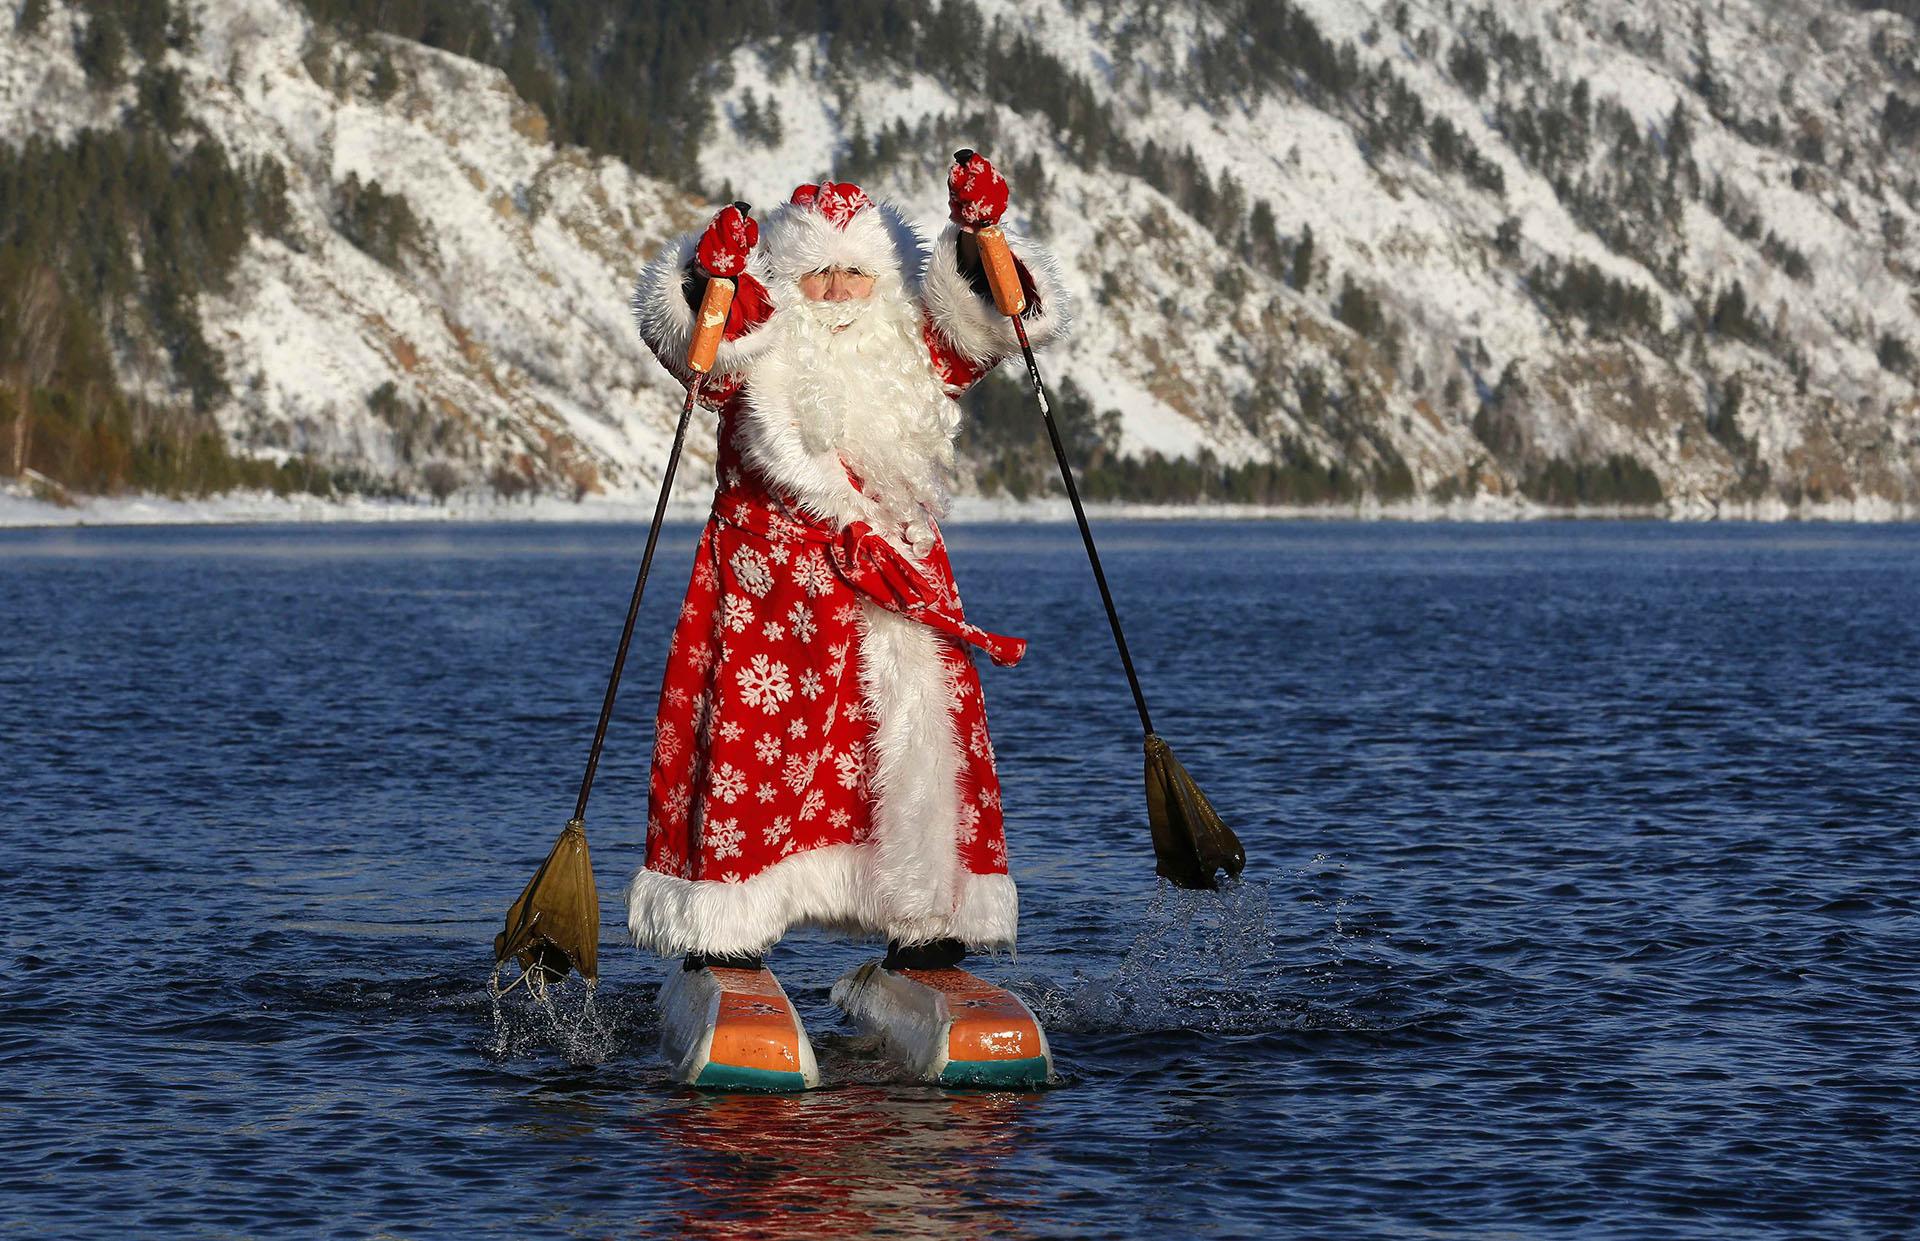 Nikolai Vasilyev, de 64 años, vestido como el padre Frost, el equivalente ruso de Santa Claus, hace esquí acuático a lo largo del río Yenisei, en las afueras de la ciudad siberiana de Krasnoyarsk, Rusia, el 19 de diciembre de 2017. (Reuters)